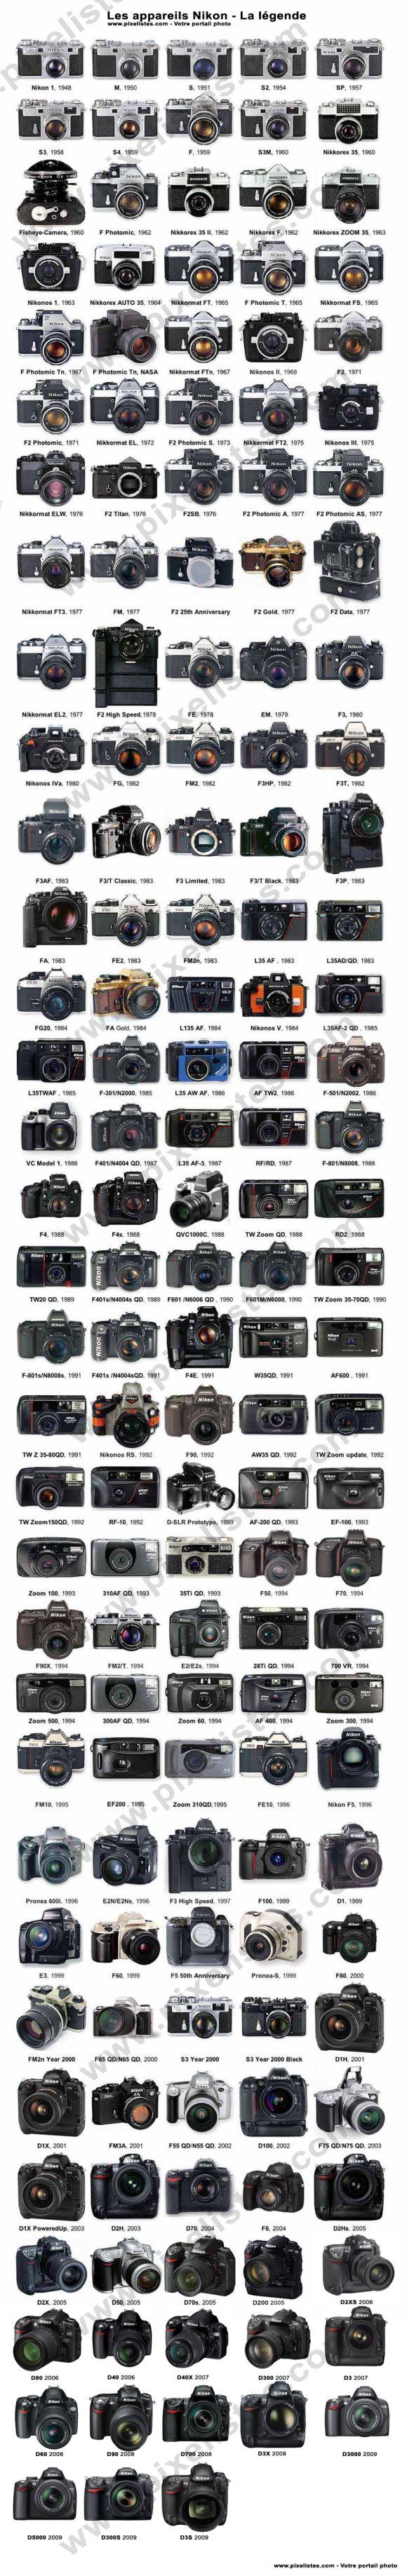 Tous les boitiers photo Nikon